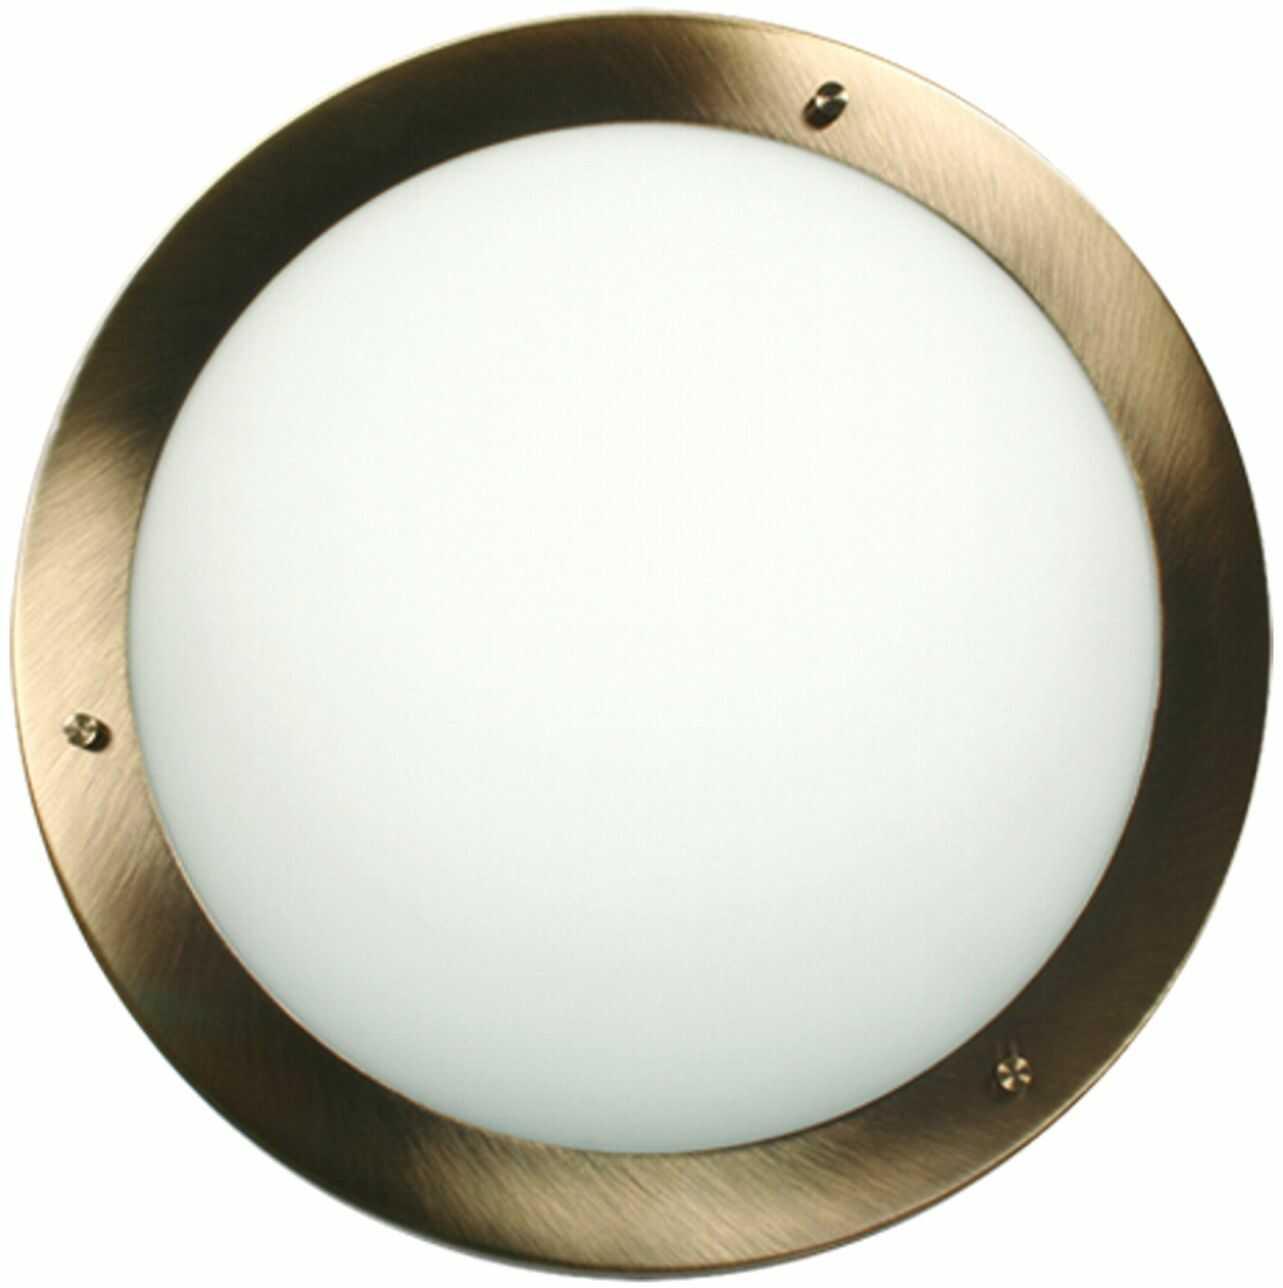 Candellux AQUILA 12-69962 plafon lampa sufitowa patyna szklany klosz 1X40W G9 18cm IP44